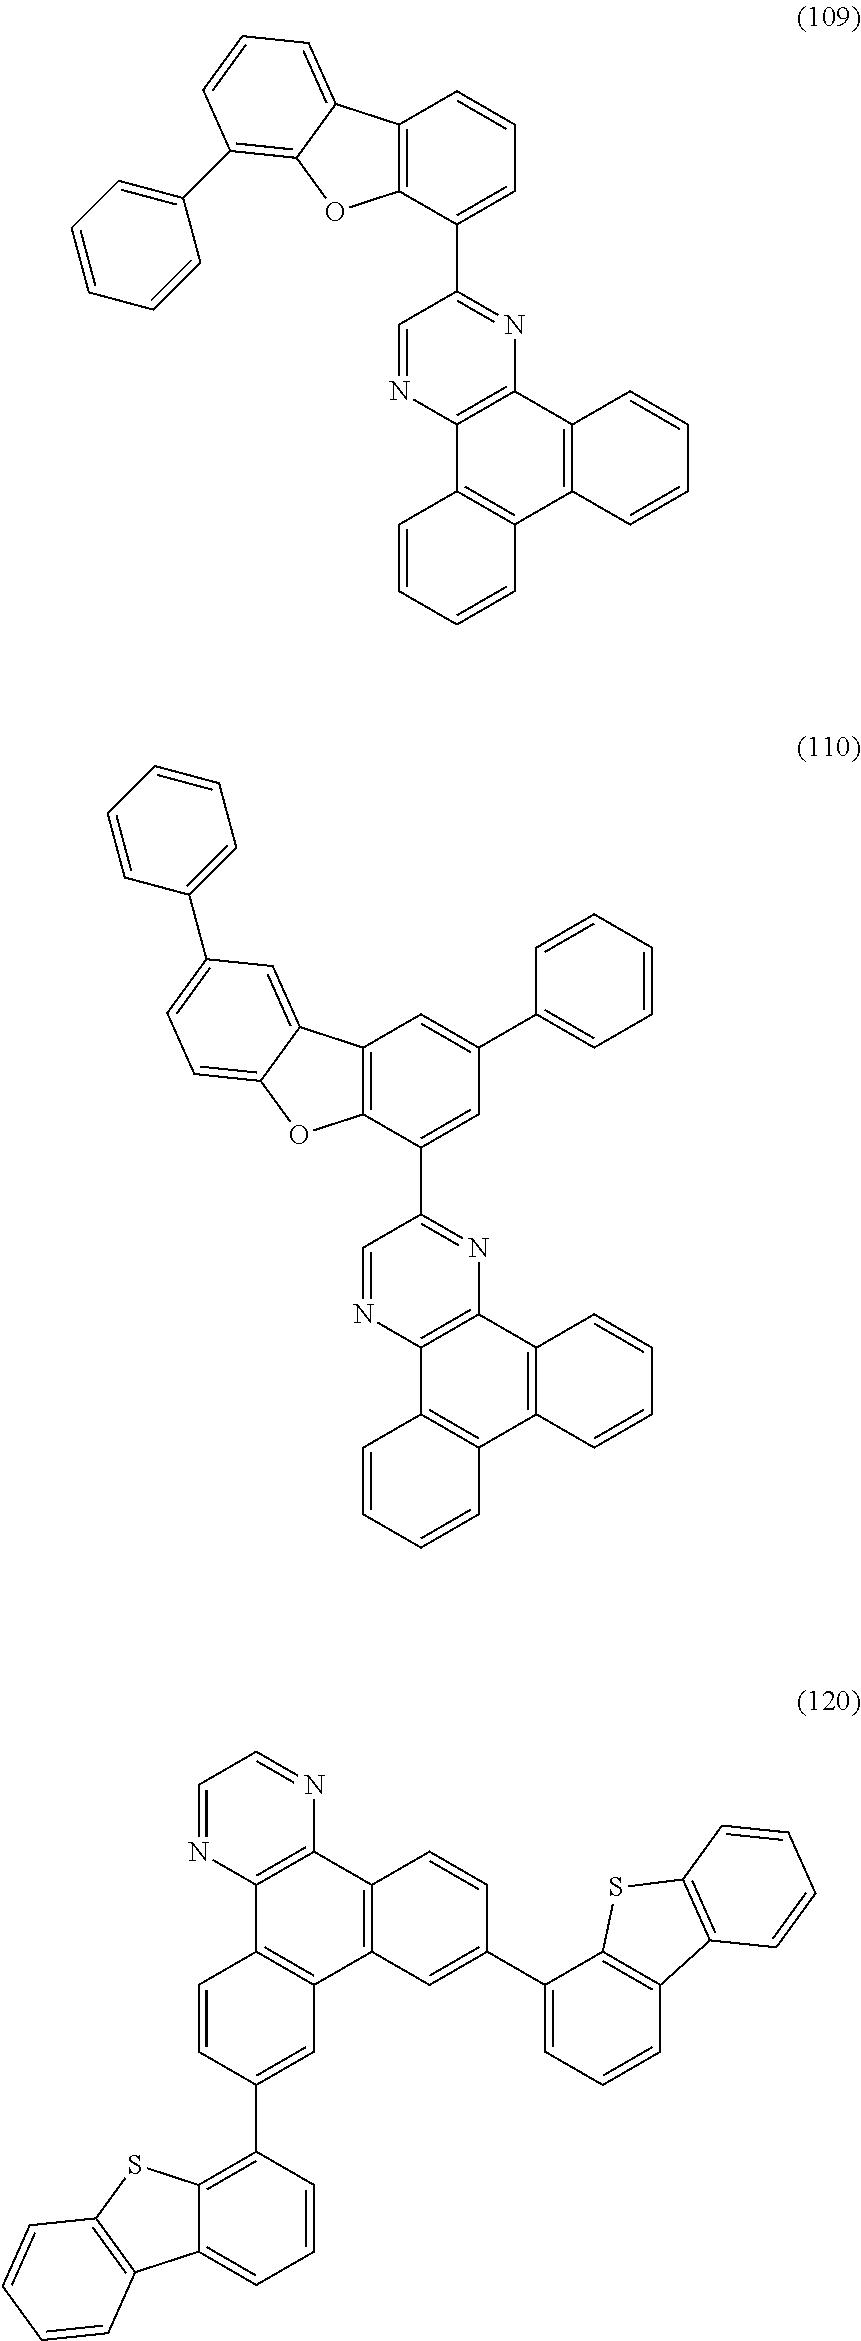 Figure US20130112954A1-20130509-C00028